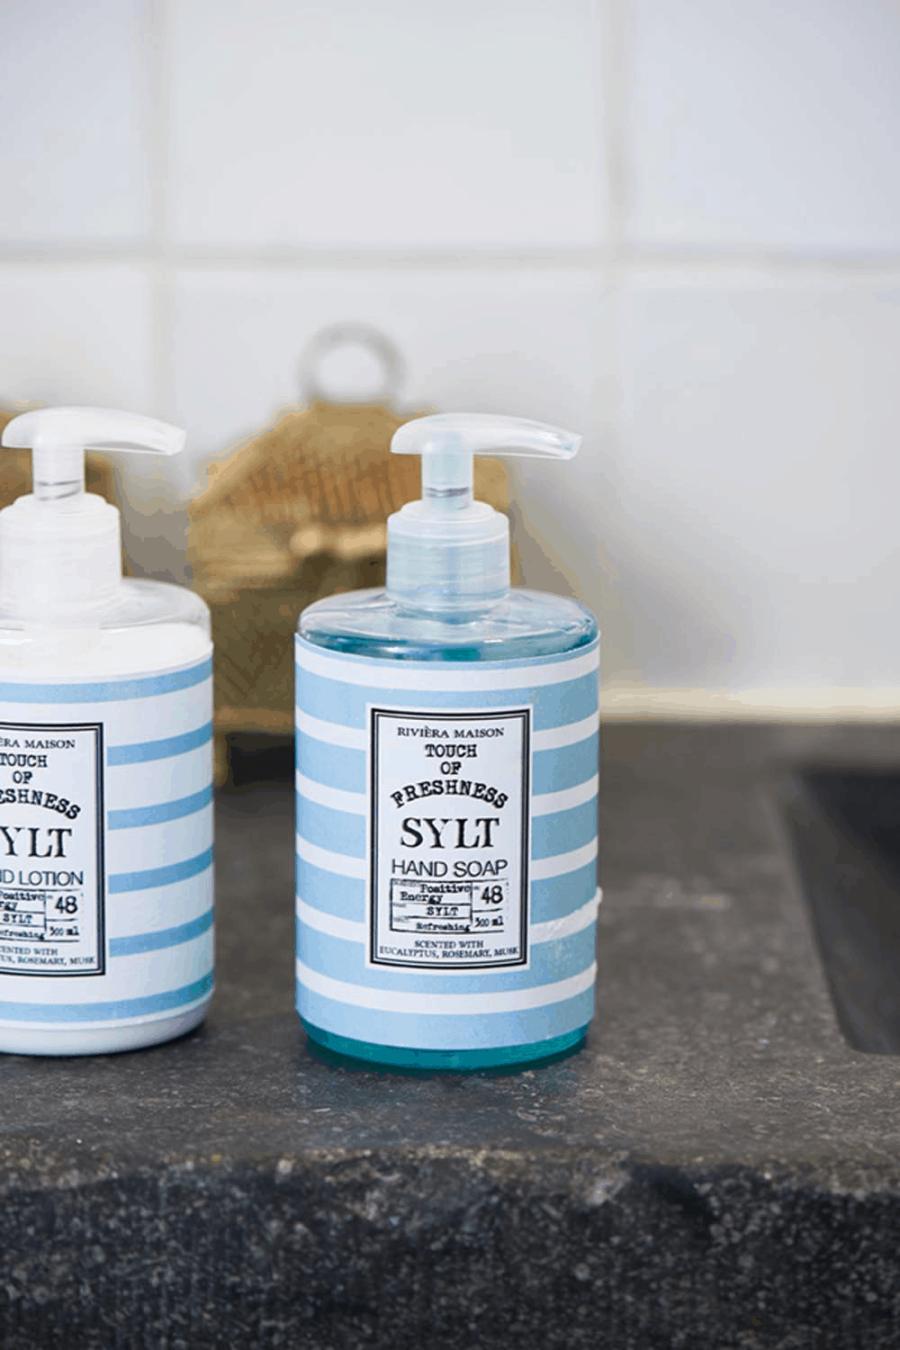 Sylt Freshness Hand Soap 300ml